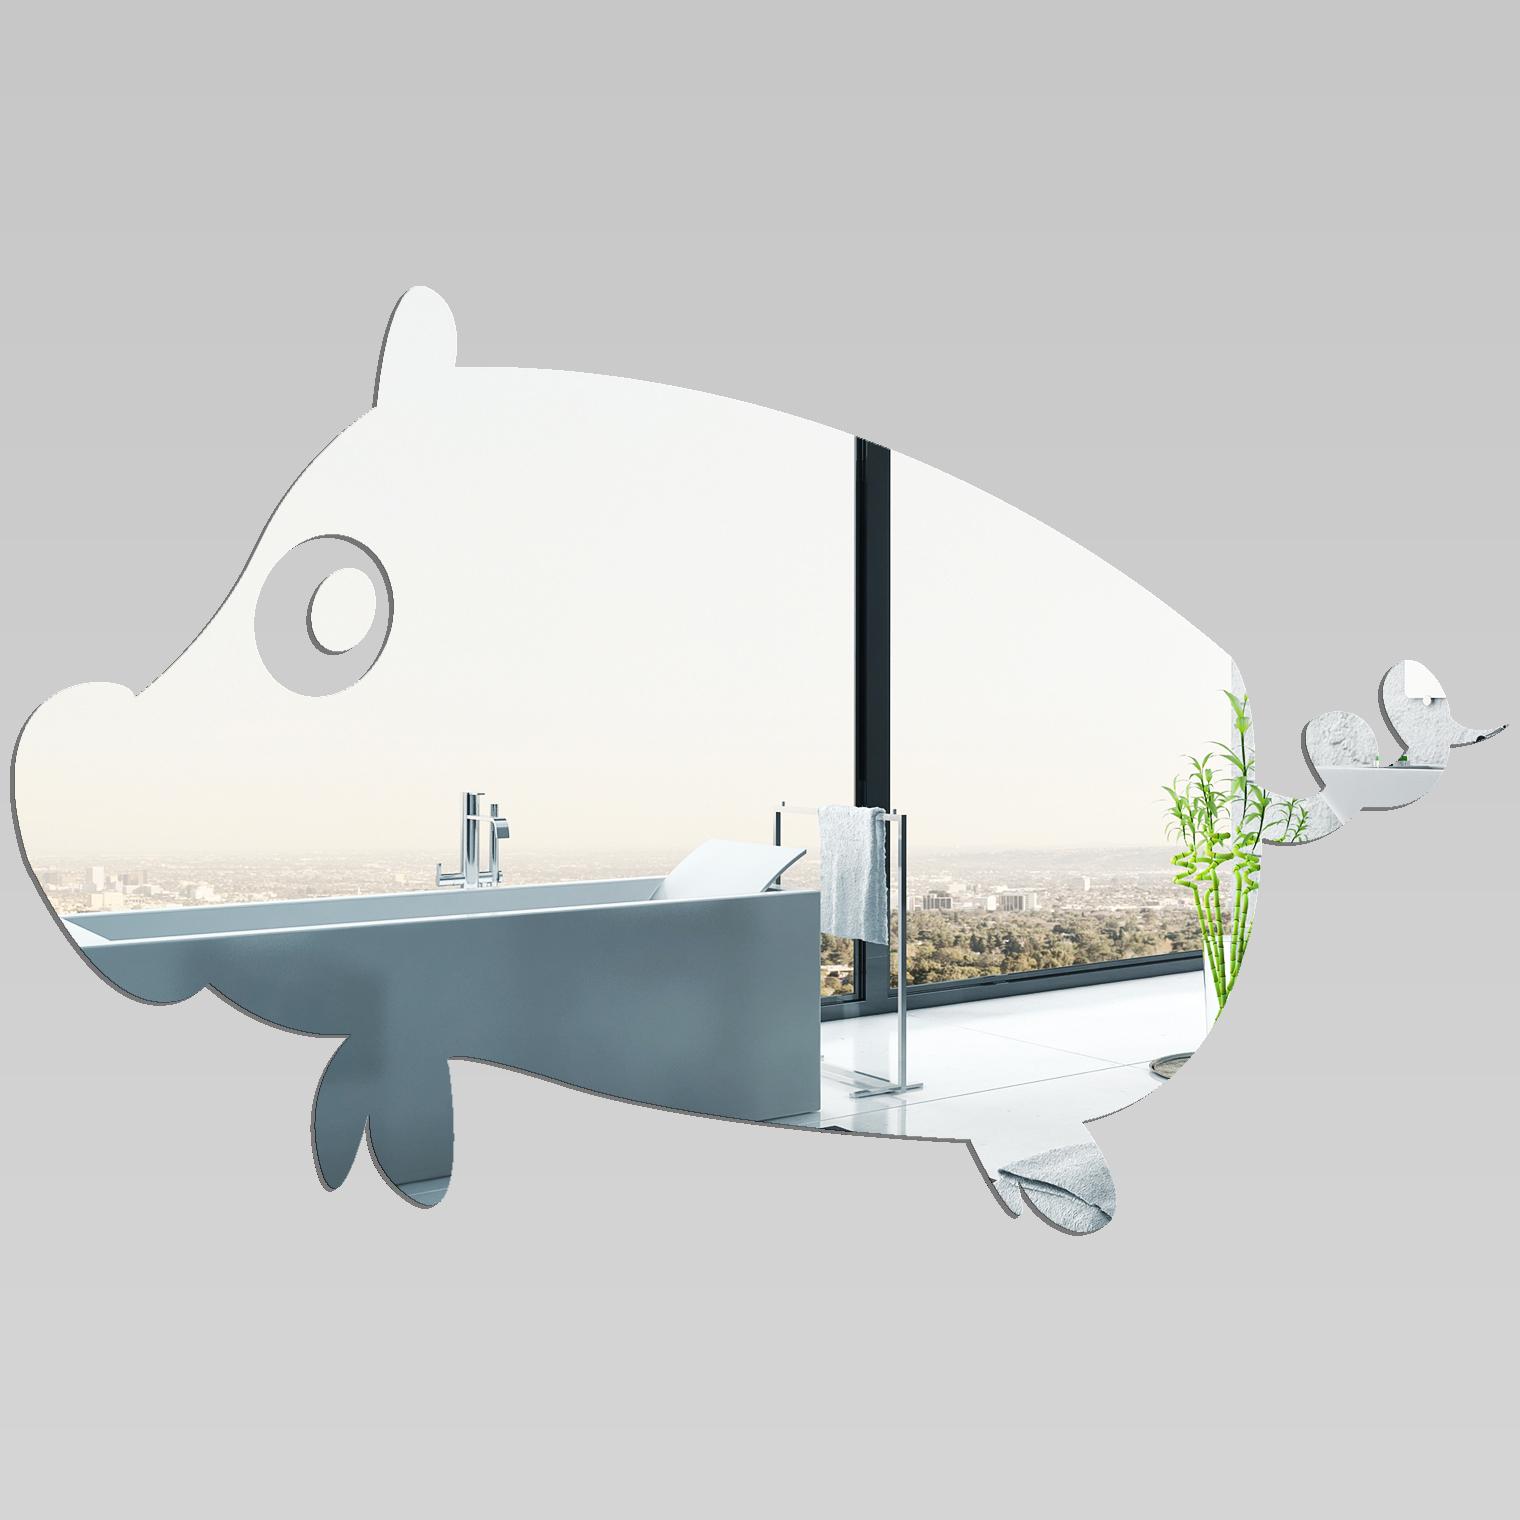 Adesivi follia specchio acrilico plexiglass maiale - Plexiglass a specchio ...